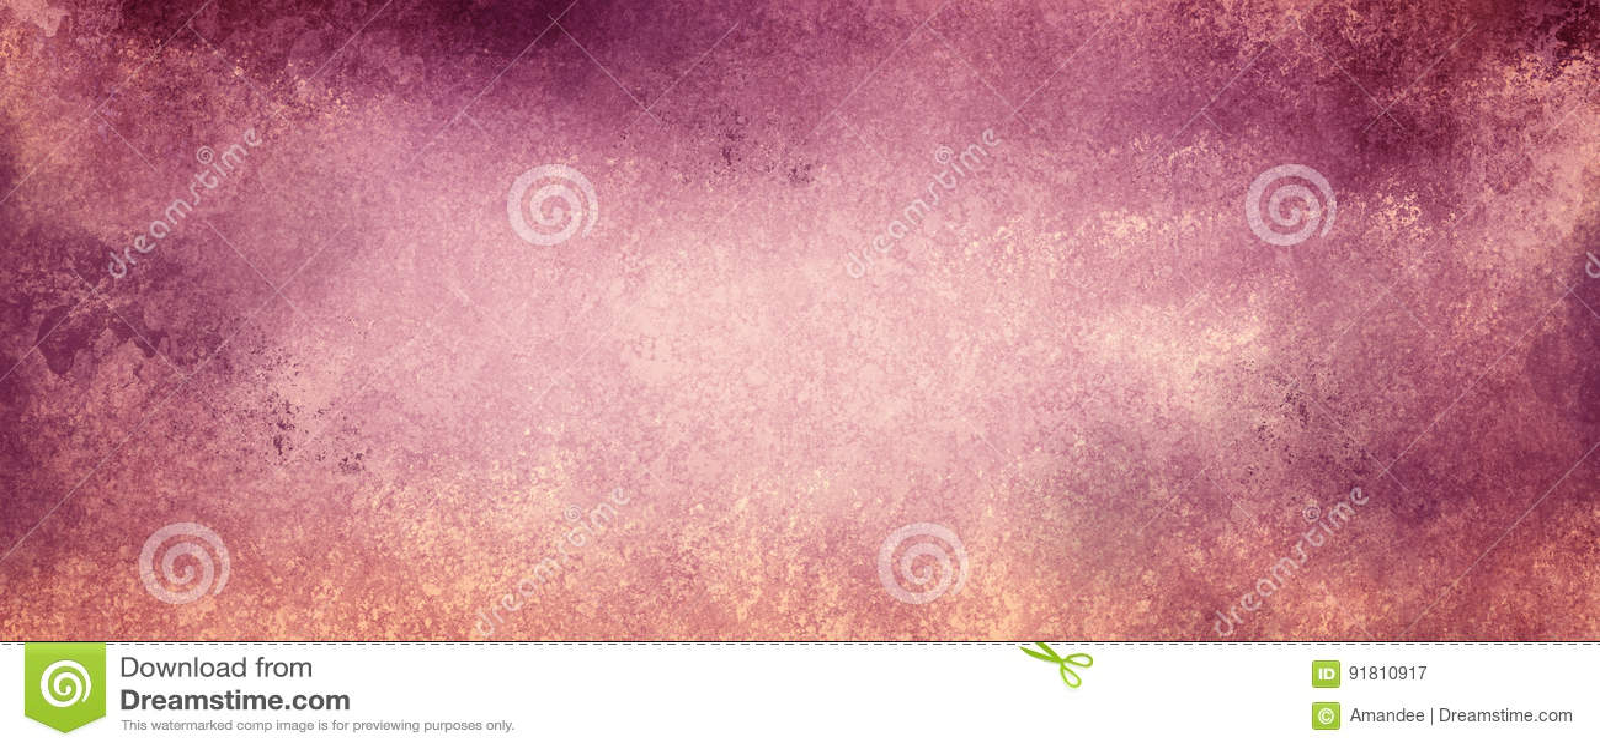 Εκλεκτής ποιότητας πορφυρό και ρόδινο υπόβαθρο σε εξασθενισμένο μπεζ χαρτί με τα κατασκευασμένα σύνορα grunge με το χρώμα αποφλοί